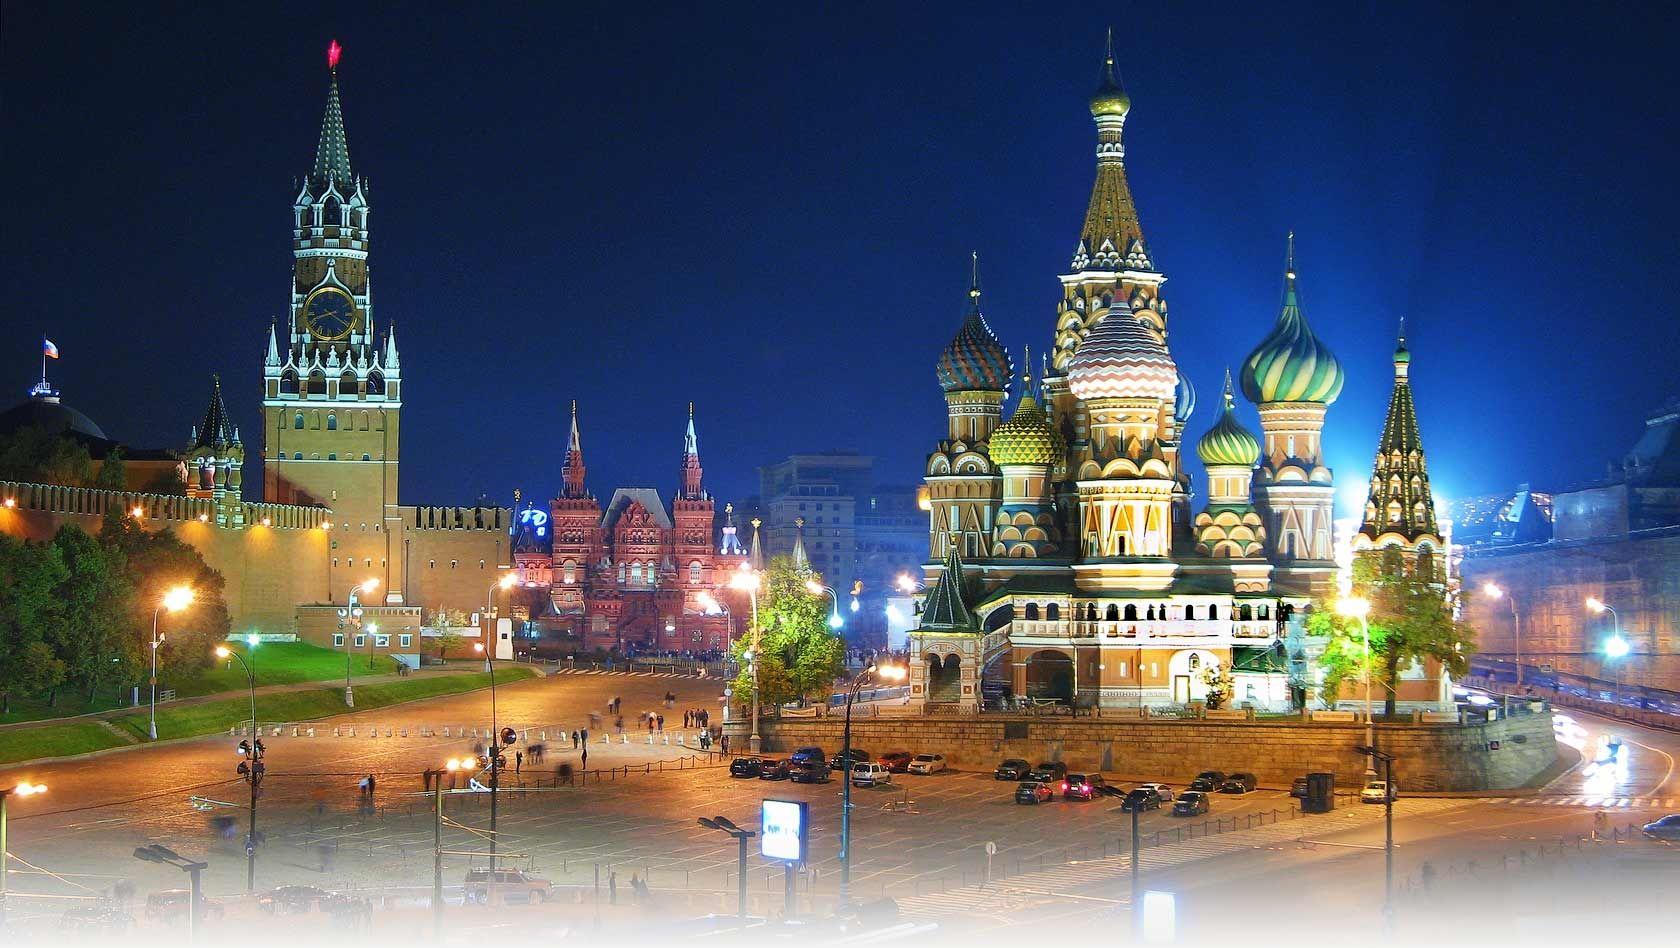 Ρωσία: 779 νεκροί και πάνω από 22.000 νέα κρούσματα κορονοϊού